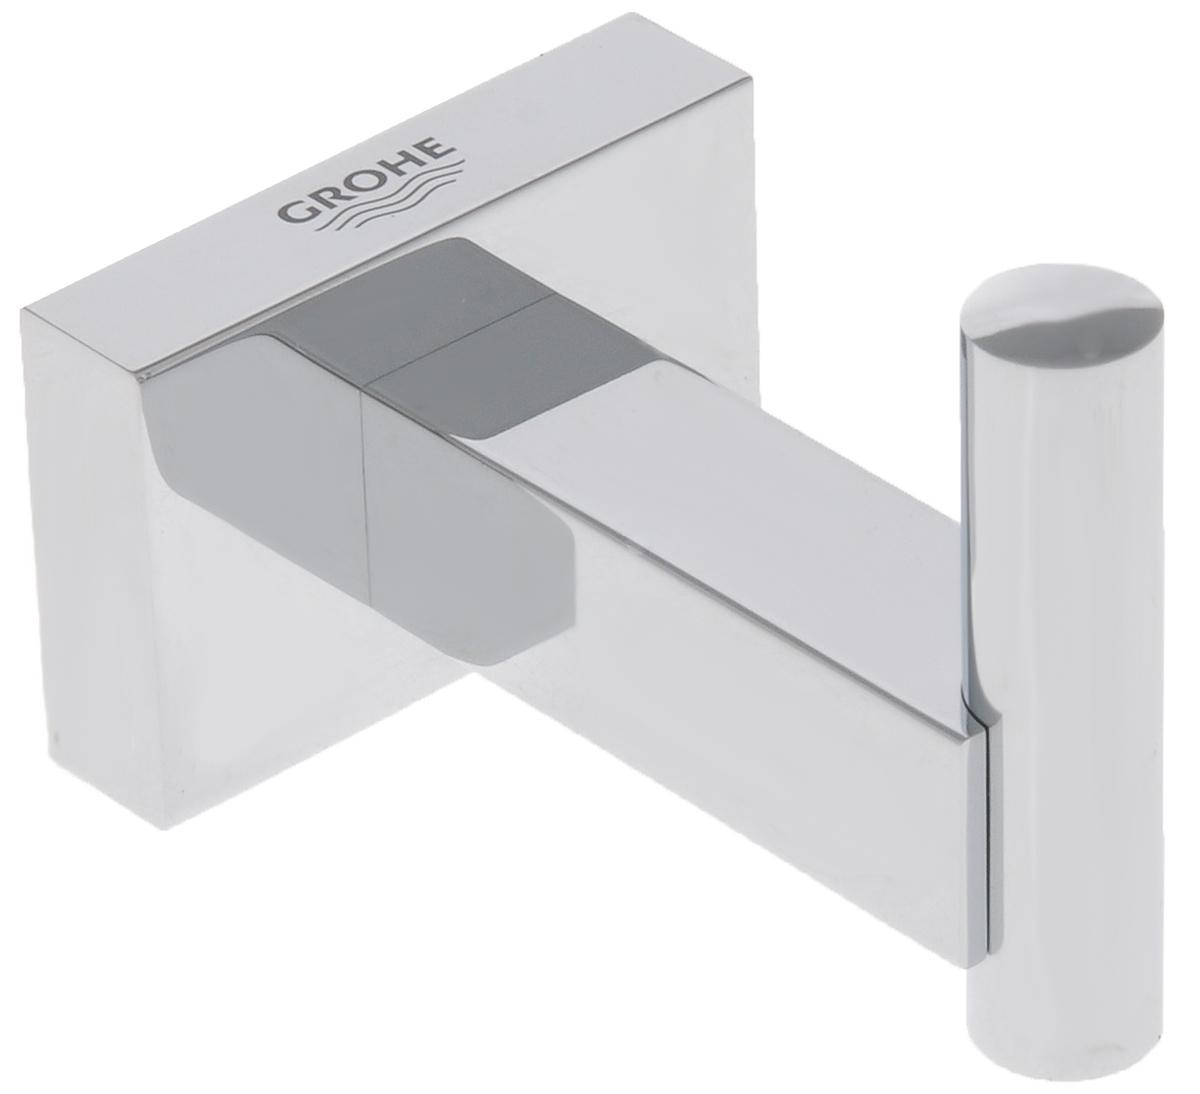 Крючок для банного халата Grohe Essentials CubeS03301004С помощью прочного и стильного крючка Grohe Essentials Cube у вашего уютного банного халата появится в ванной комнате свое почетное место, где вы всегда сможете его найти, как только он вам потребуется. Этот аксессуар с элегантным хромированным покрытием станет завершающим штрихом в интерьере ванной комнаты.